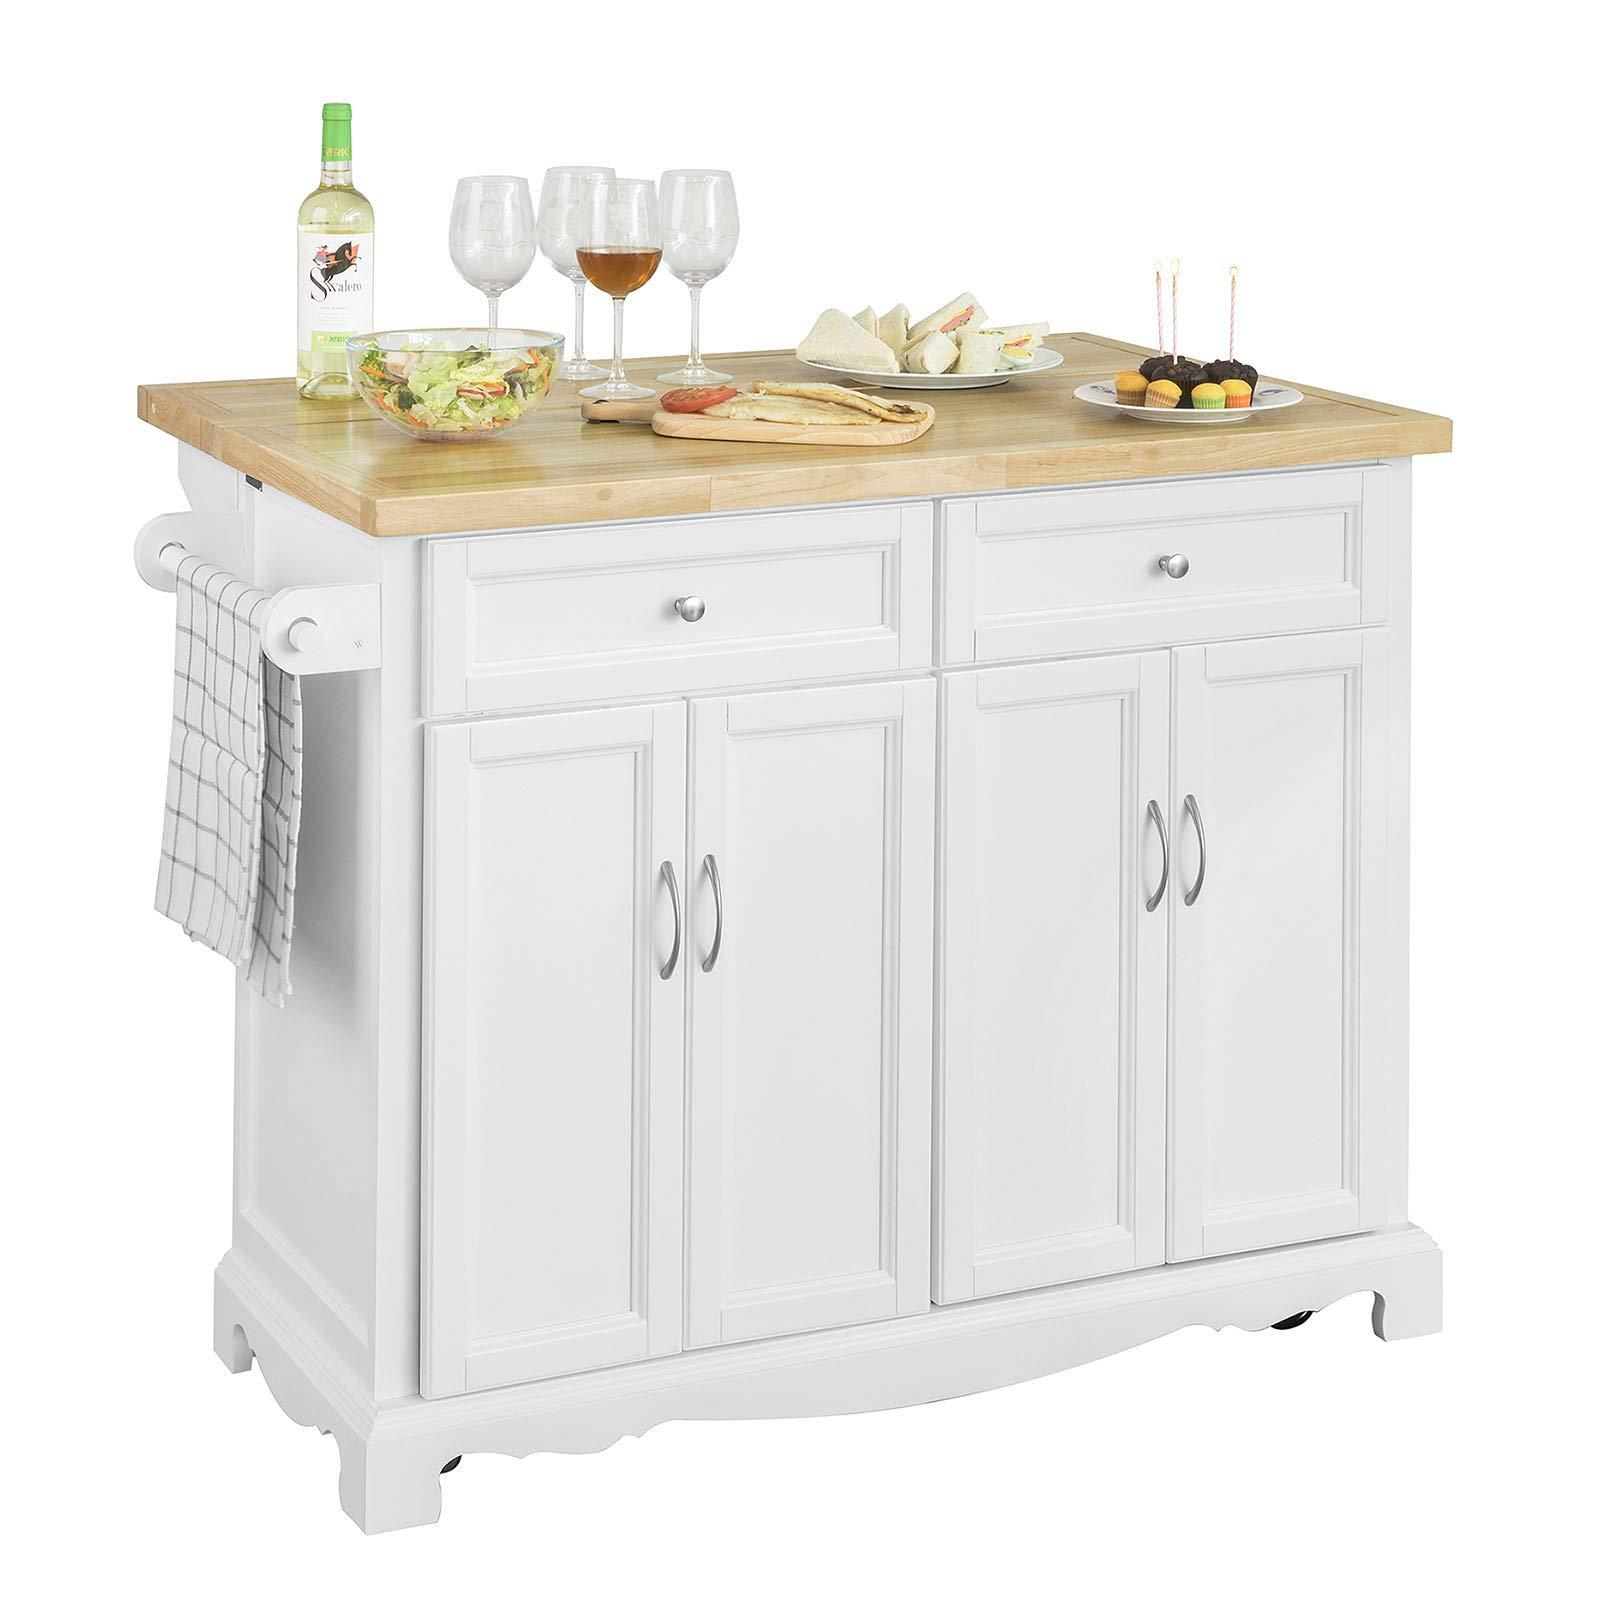 SoBuy Credenza Legno Carrello Cucina Piano Lavoro Cucina Piano in ...